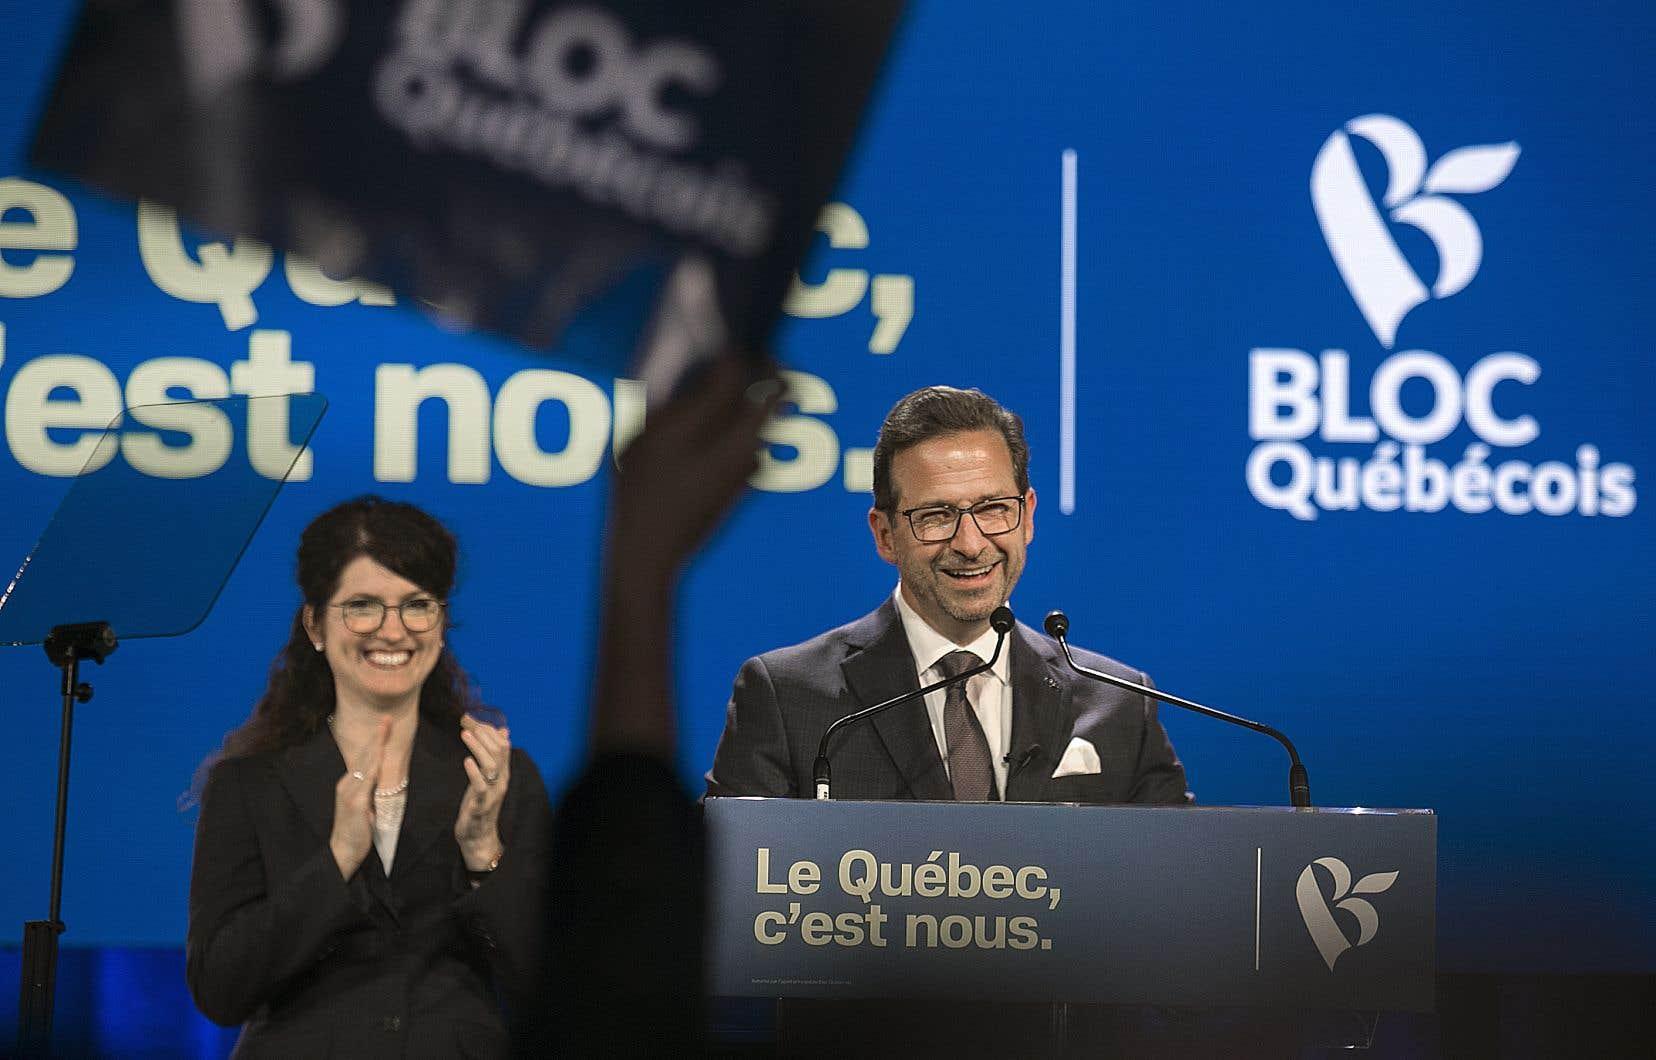 «Si le gouvernement est parlable, le Bloc québécois sera parlable, sauf s'il s'agit de passer davantage de pétrole à travers le Québec», a lancé Yves-François Blanchet devant quelques centaines de militants enthousiastes au Théâtre National, rue Sainte-Catherine, tard lundi soir.